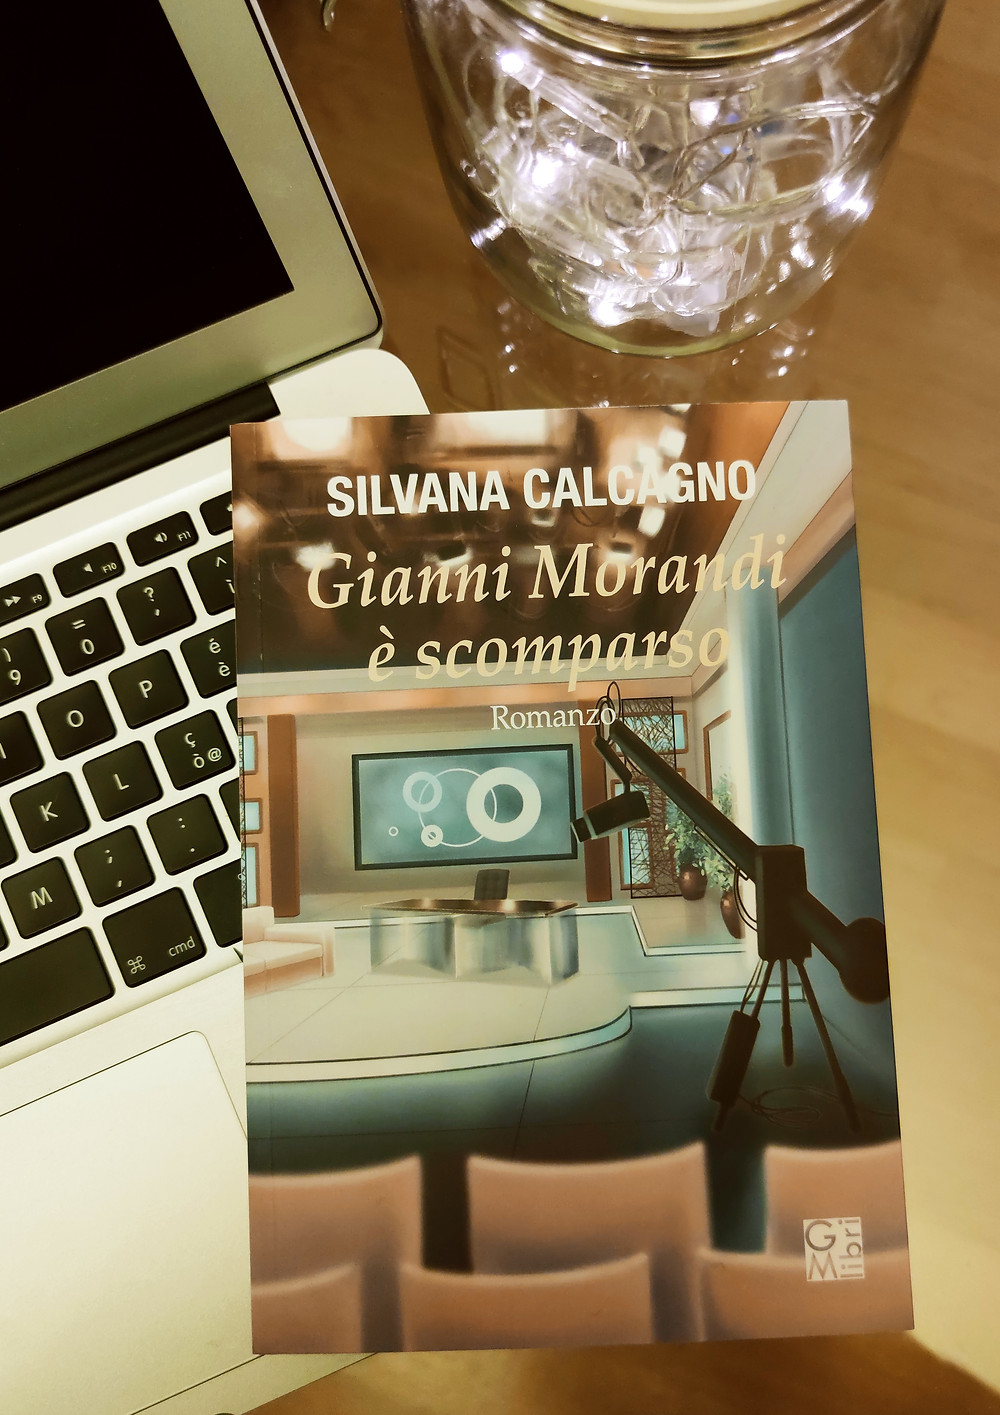 Gianni Morandi è scomparso di Silvana Calcagno edito da GM Libri